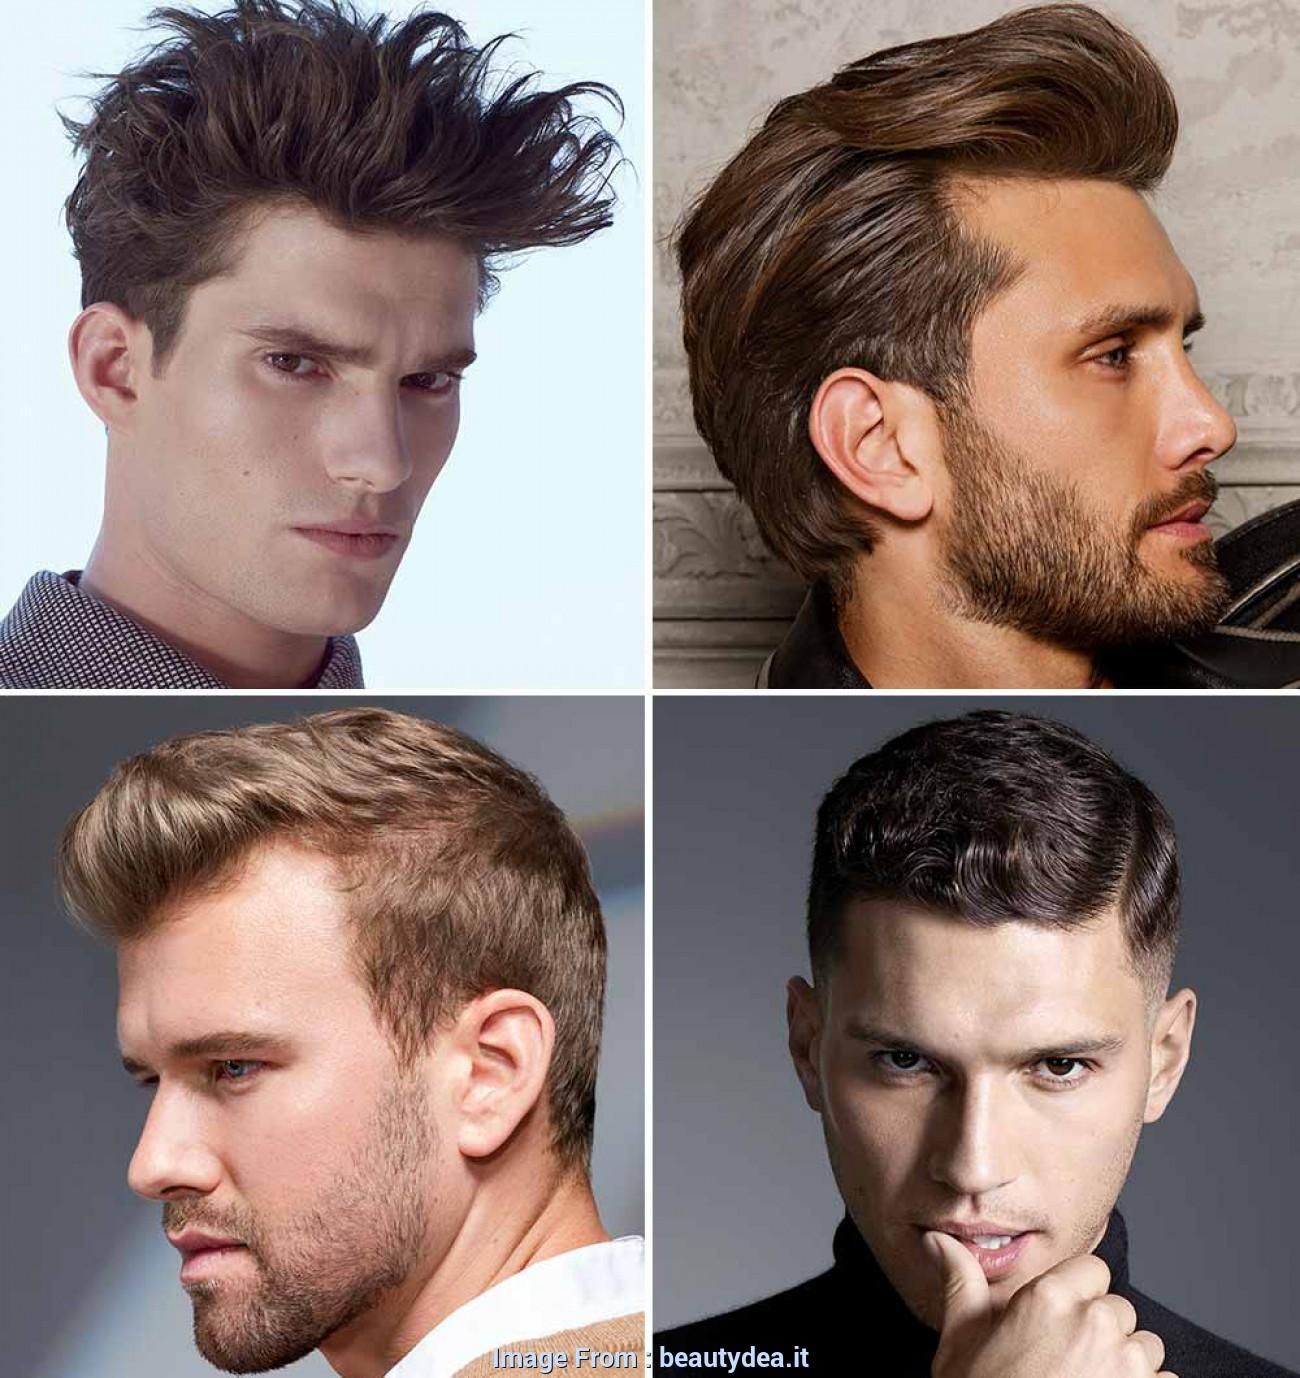 Tagli capelli Uomo 2018 nuove tendenze hairstyles (foto)